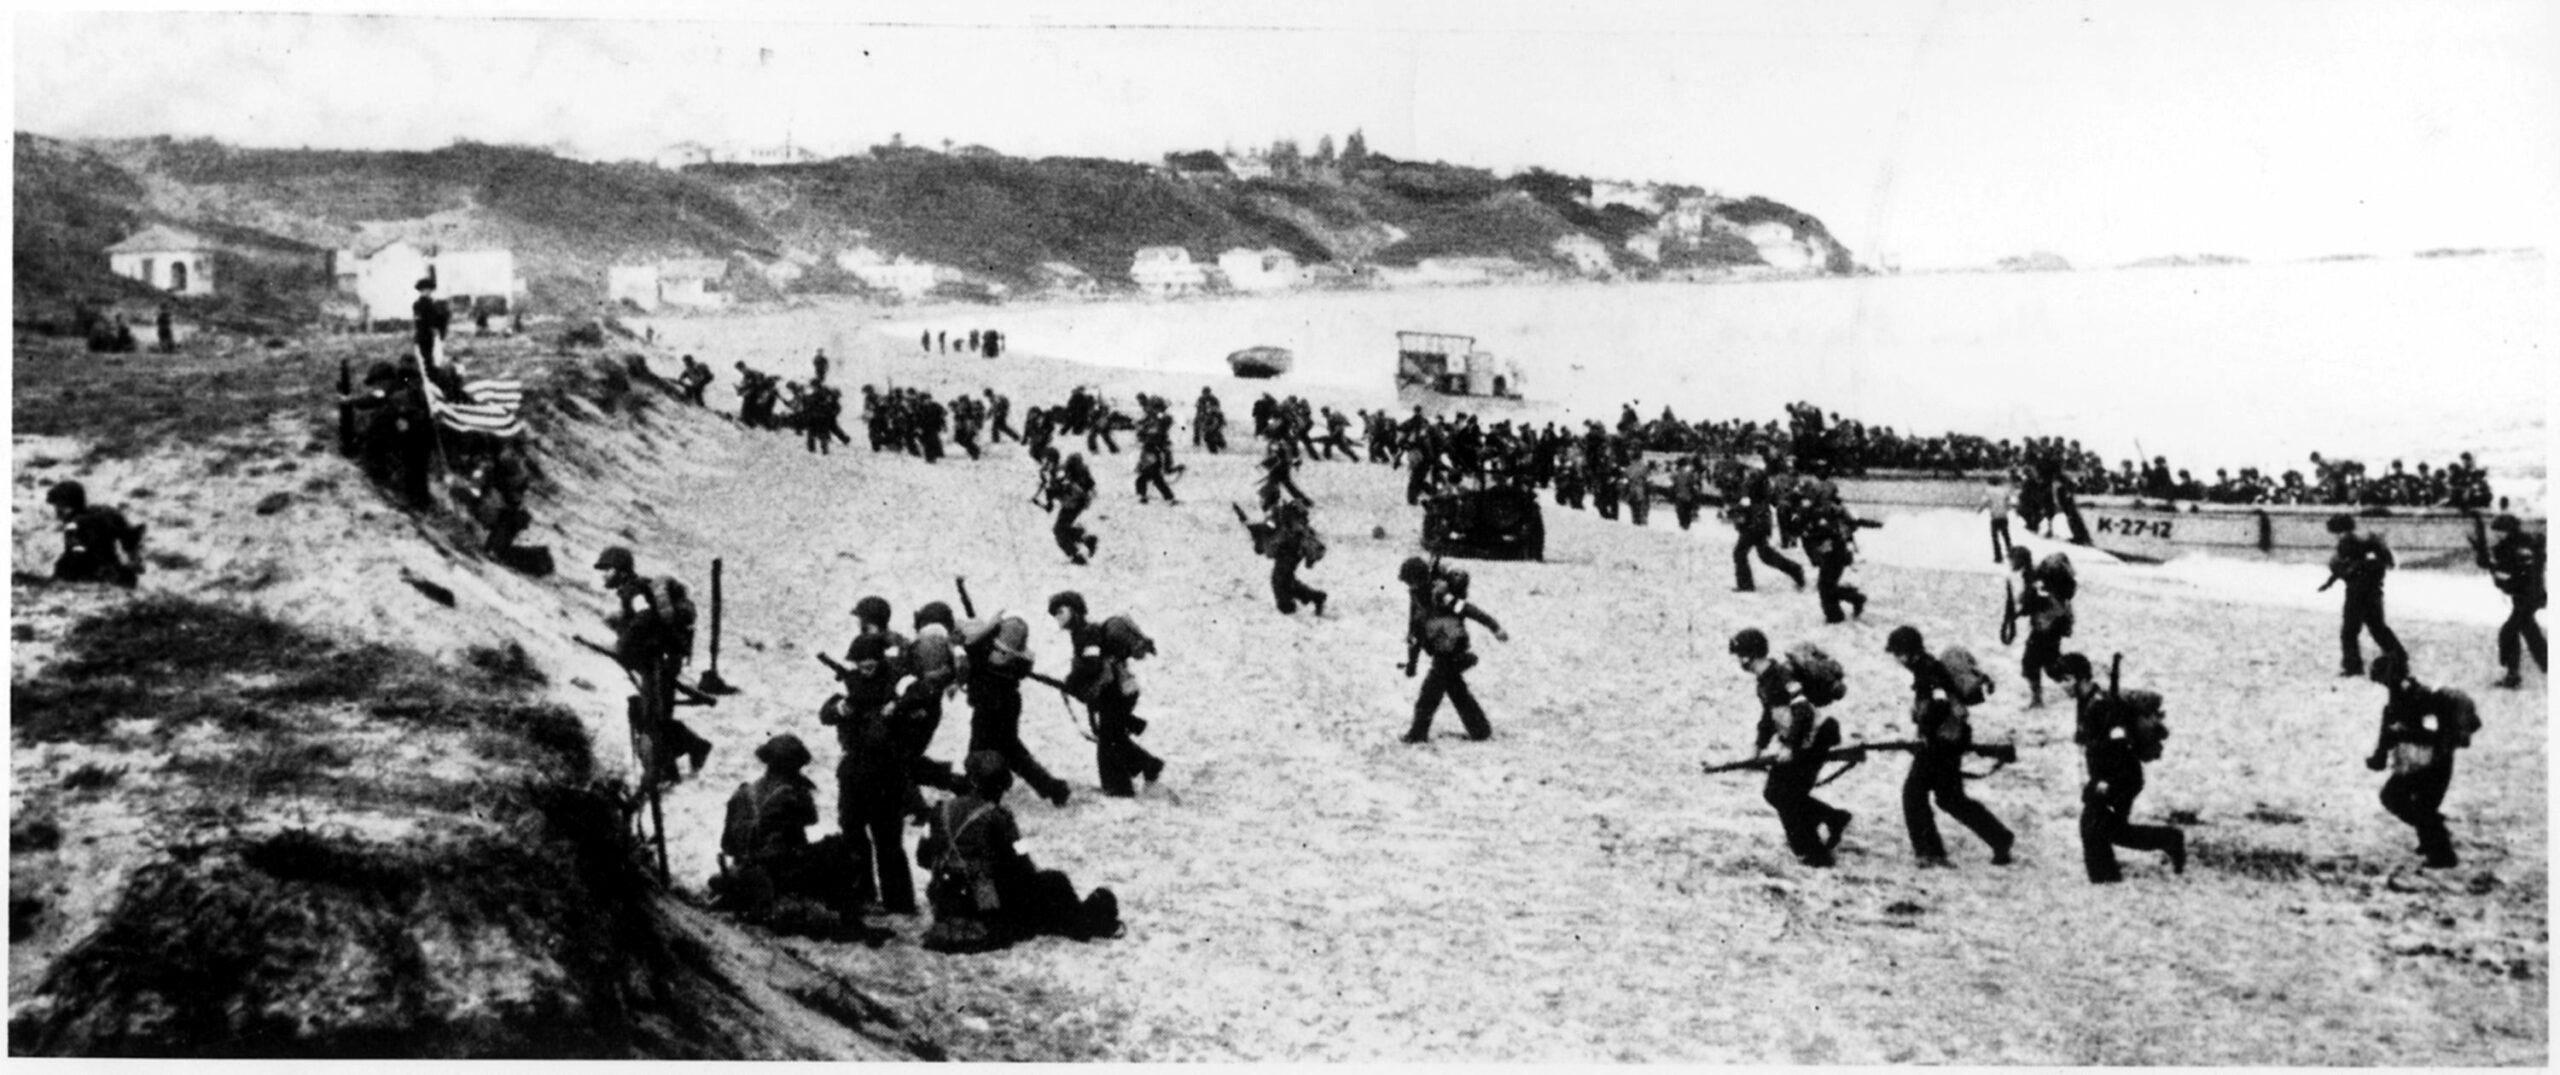 8 novembre 1942. Débarquement allié et Résistance en Afrique du Nord (colloque)